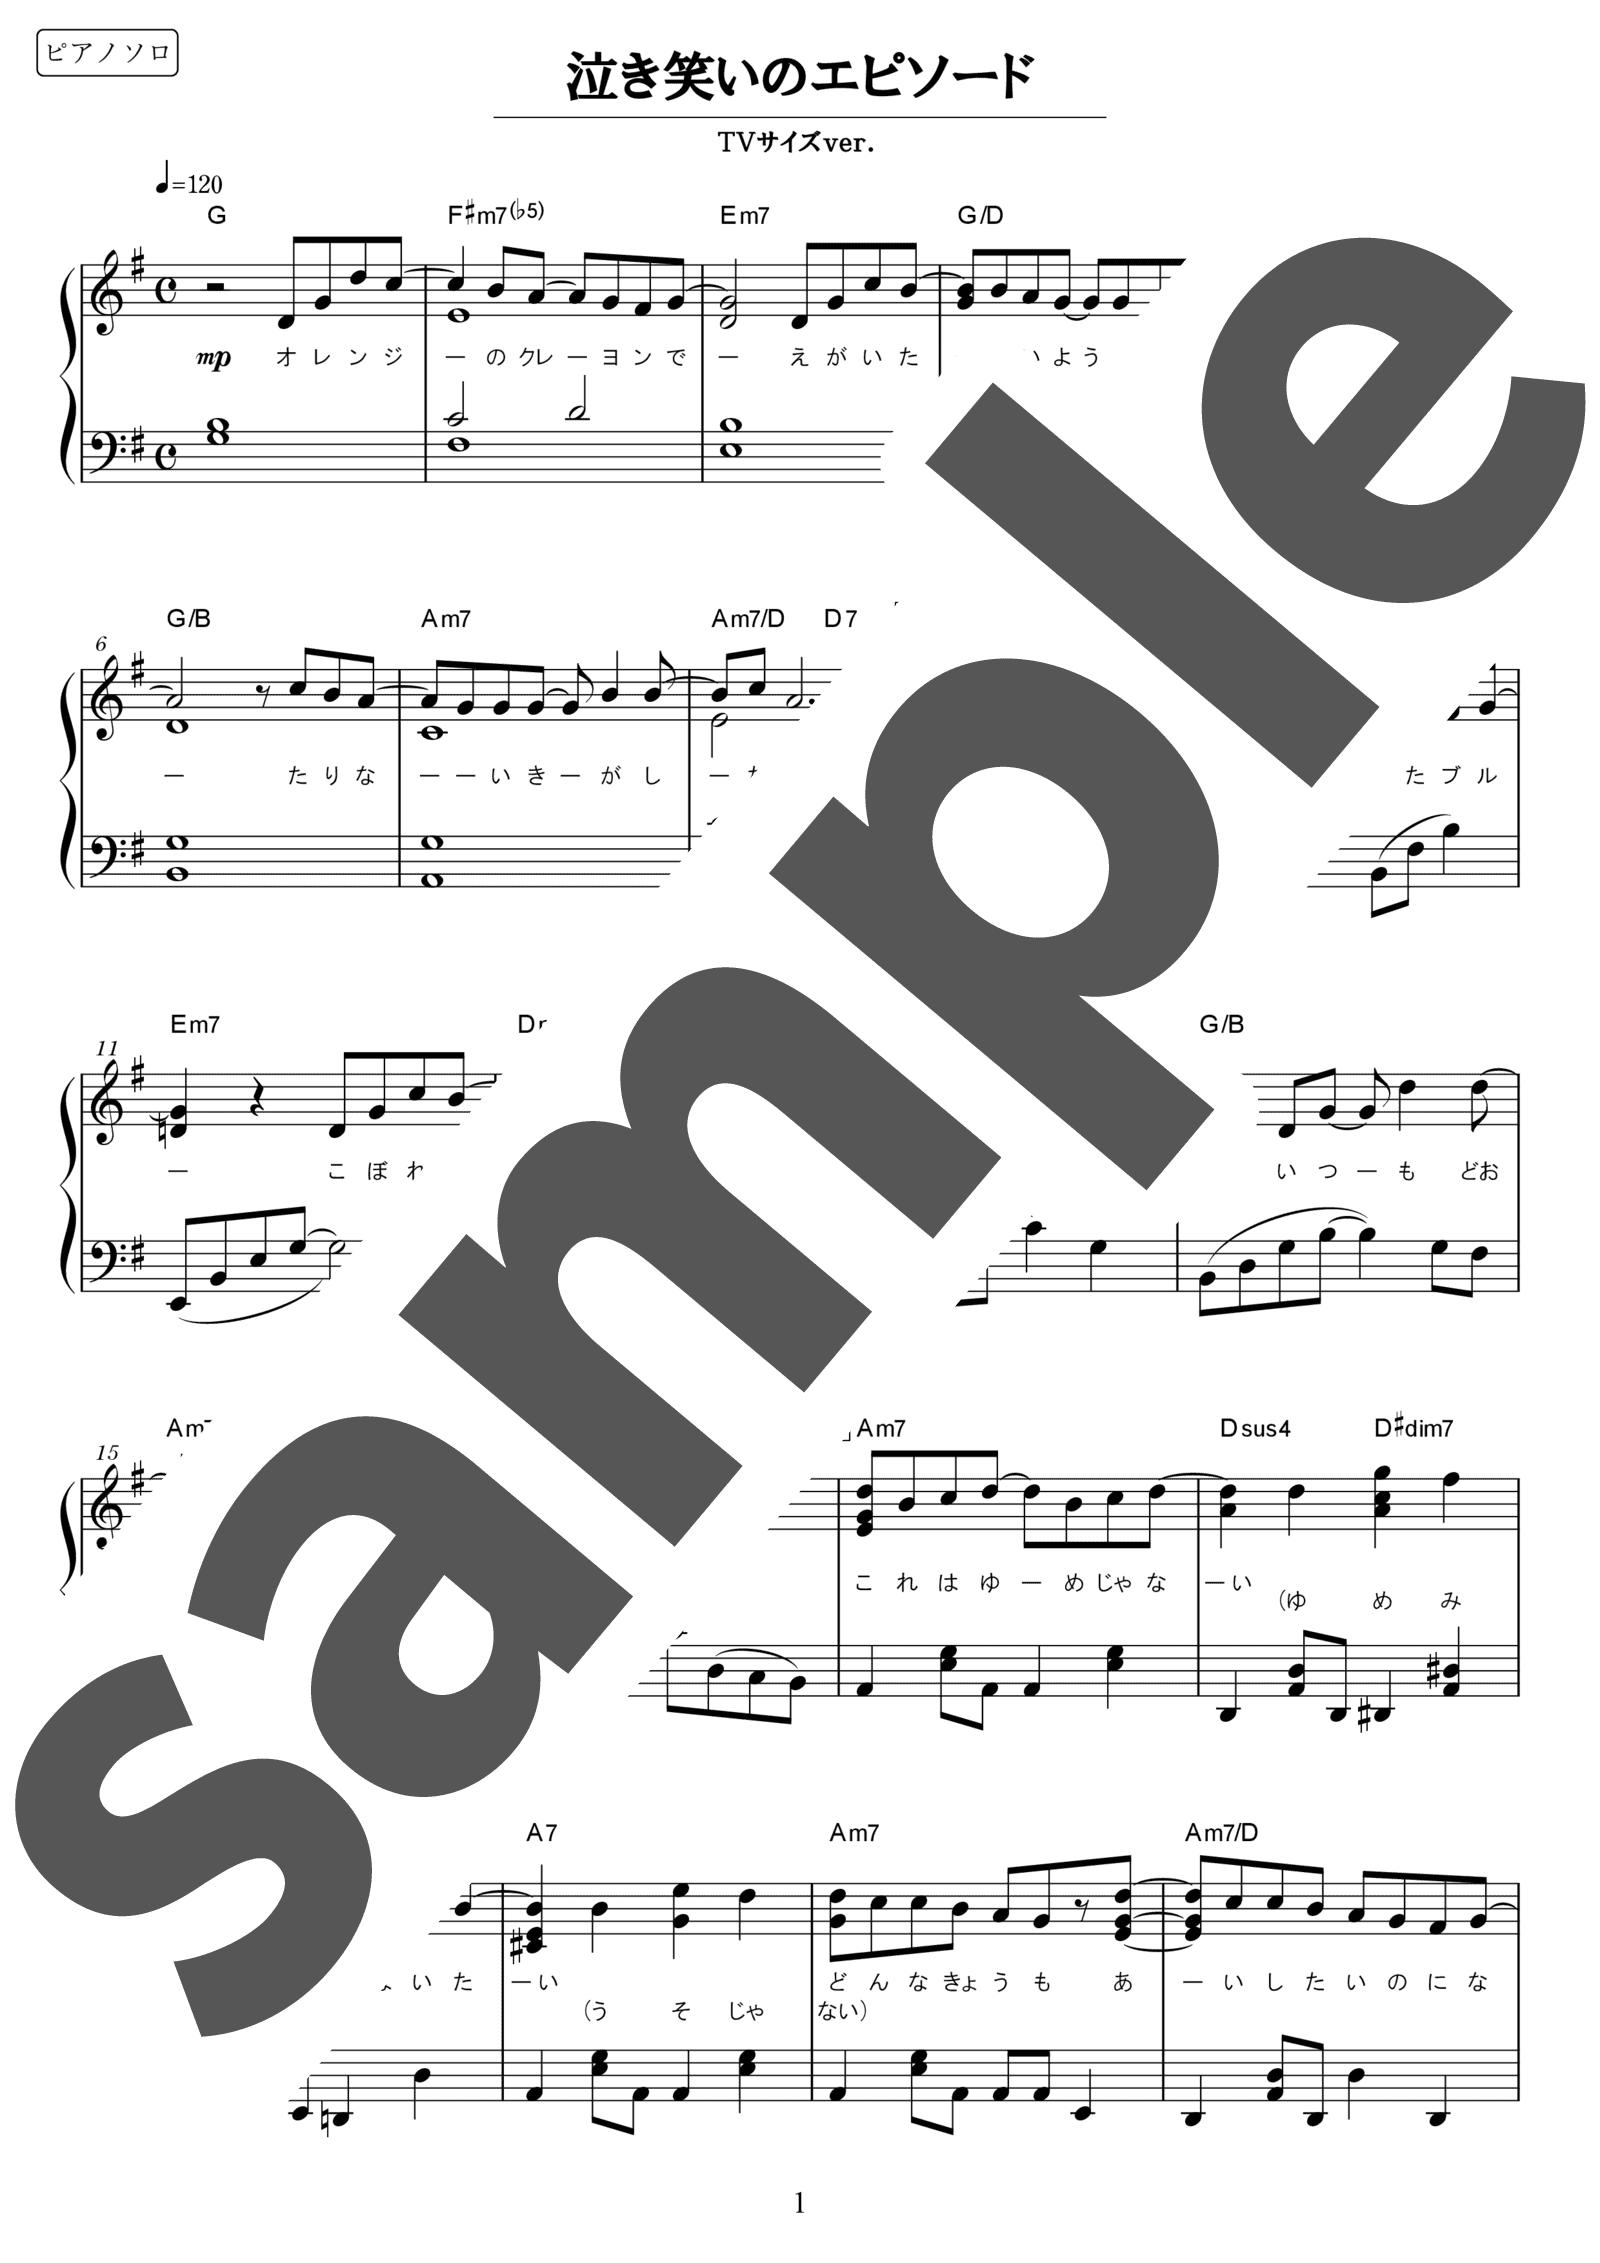 「泣き笑いのエピソード」のサンプル楽譜